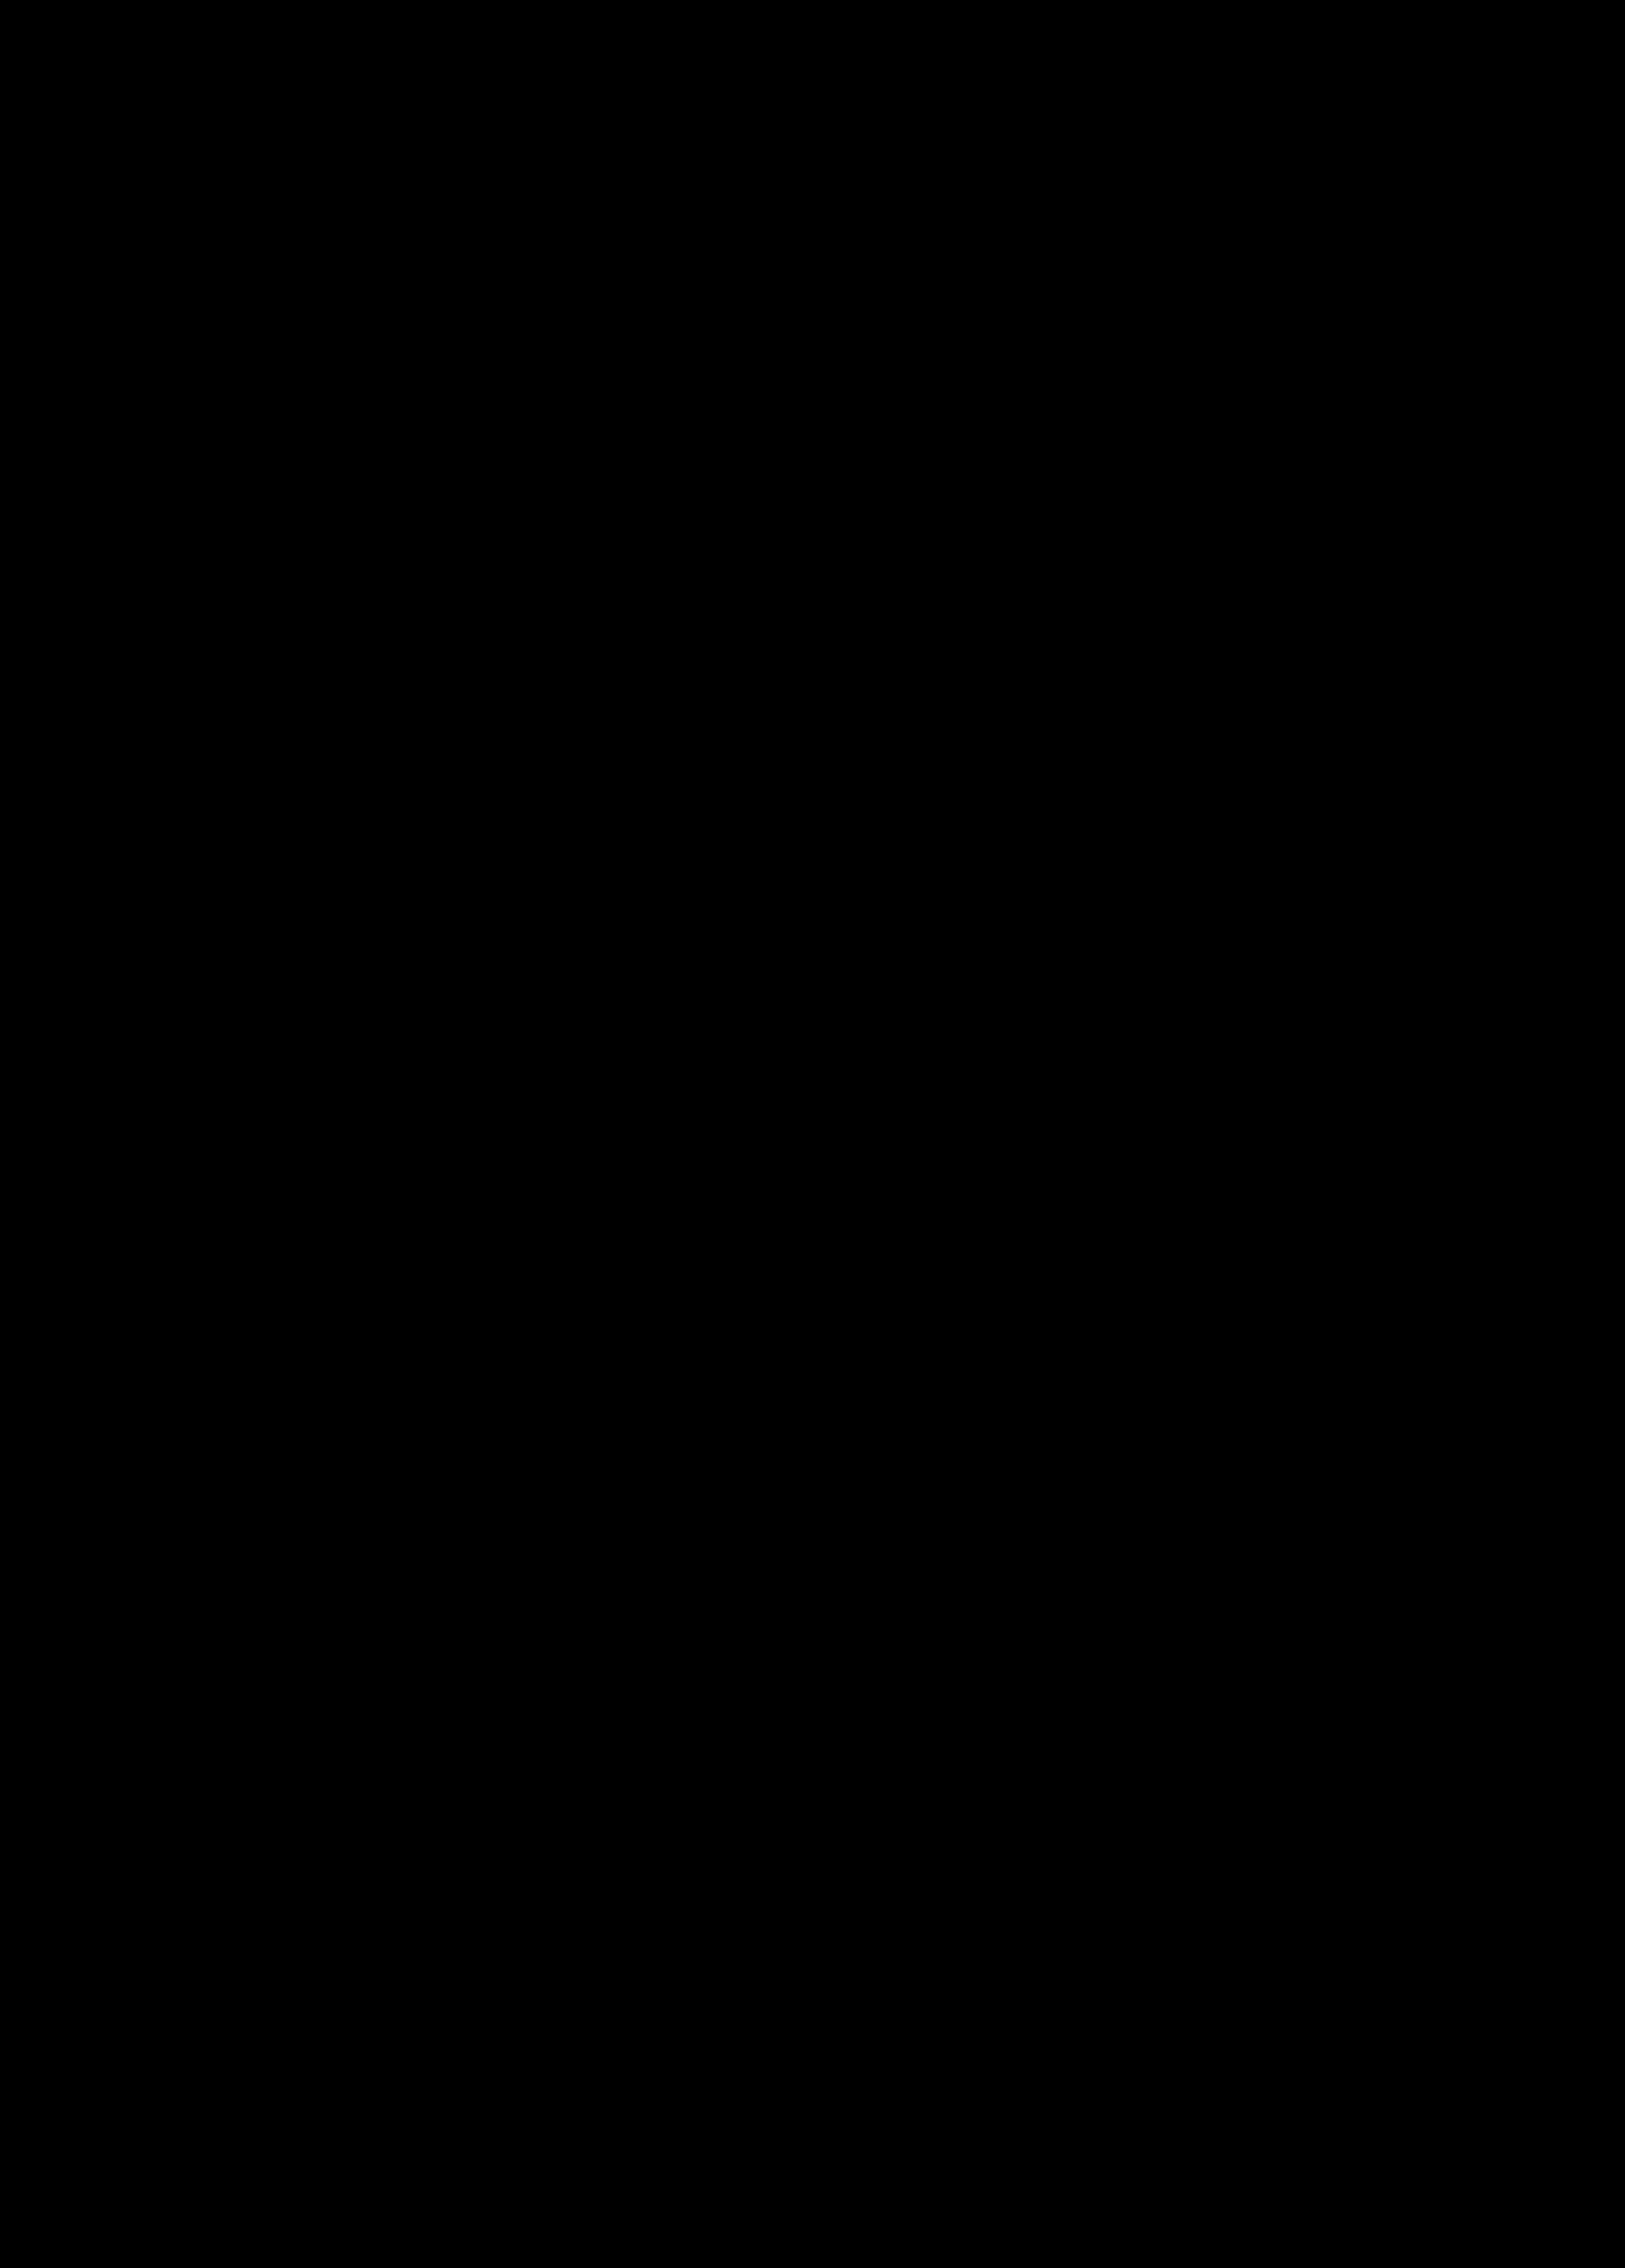 Crucifix clipart slanted. Symbols glossarium credo quia